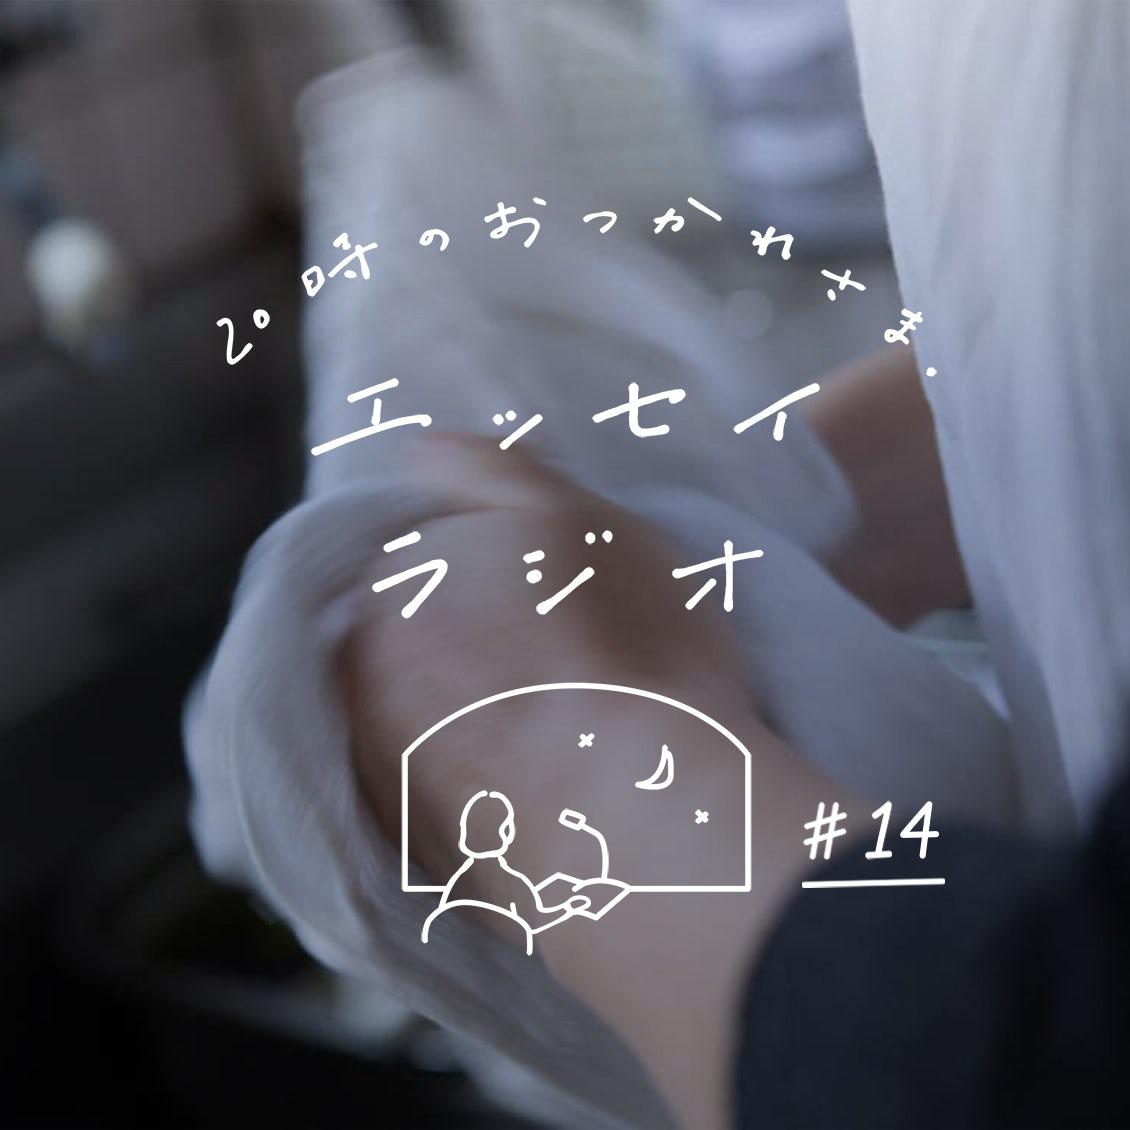 【エッセイラジオ】第14夜:後藤由紀子さんのエッセイ「全然丁寧ではありません」(読み手:スタッフ岡本)